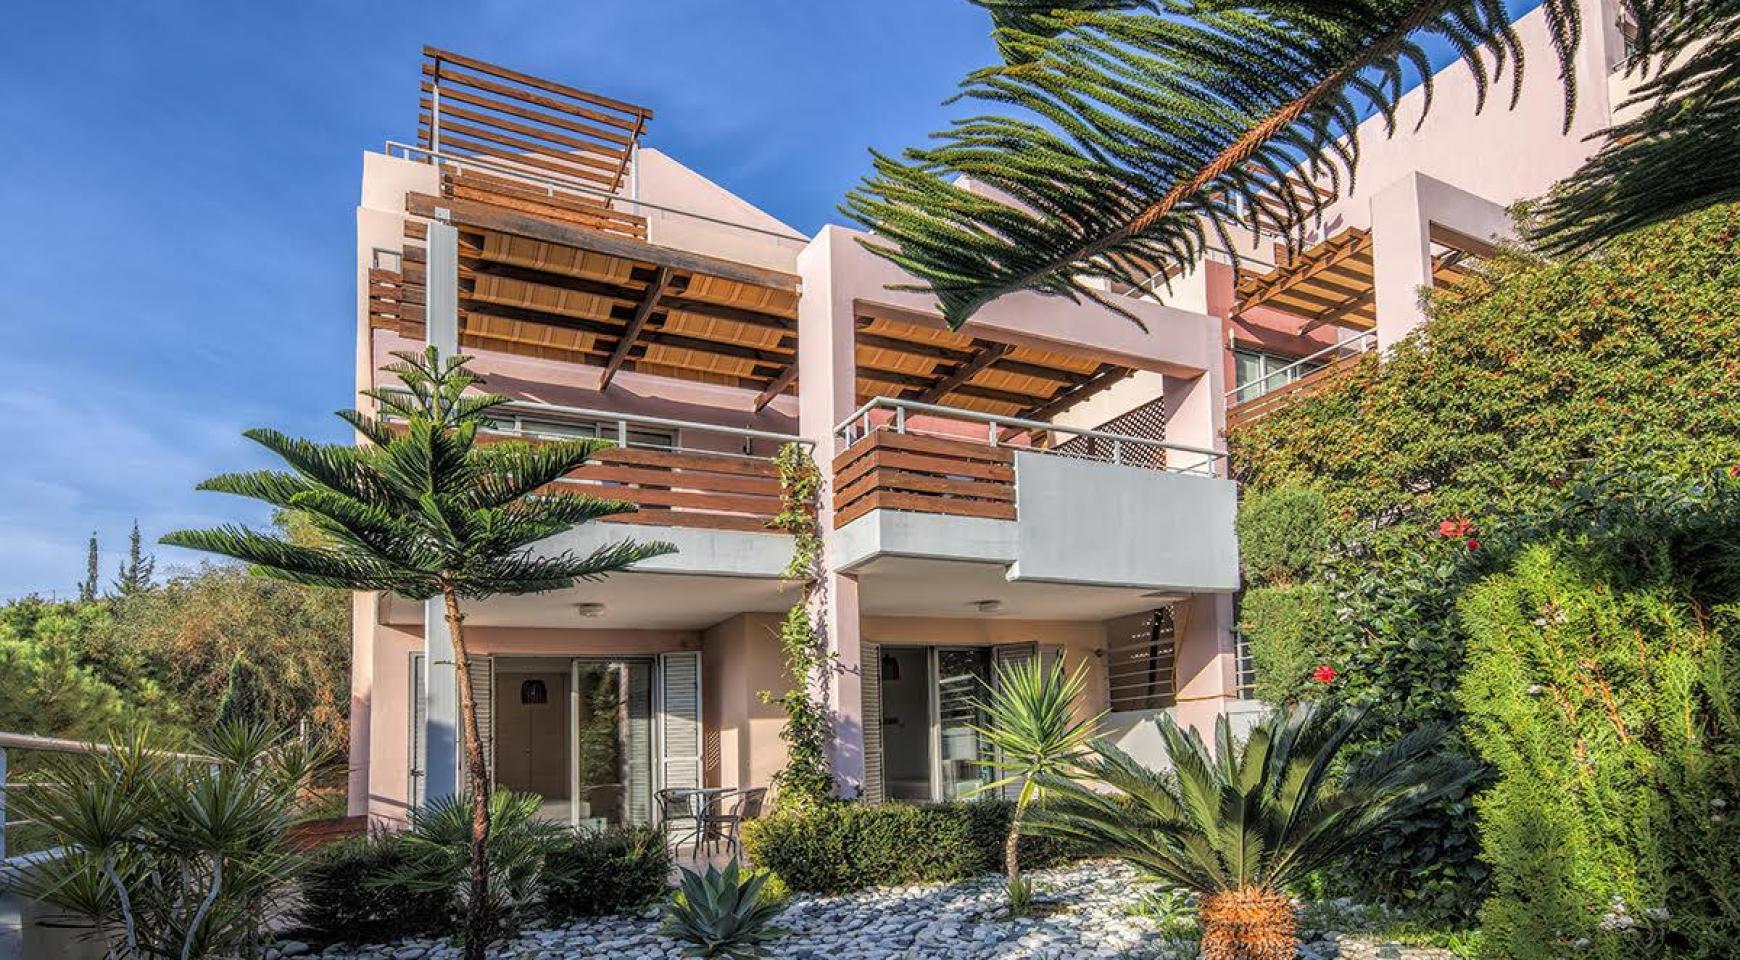 2 Bedroom Duplex Apartment in a Prestigious Complex near the Sea - 16